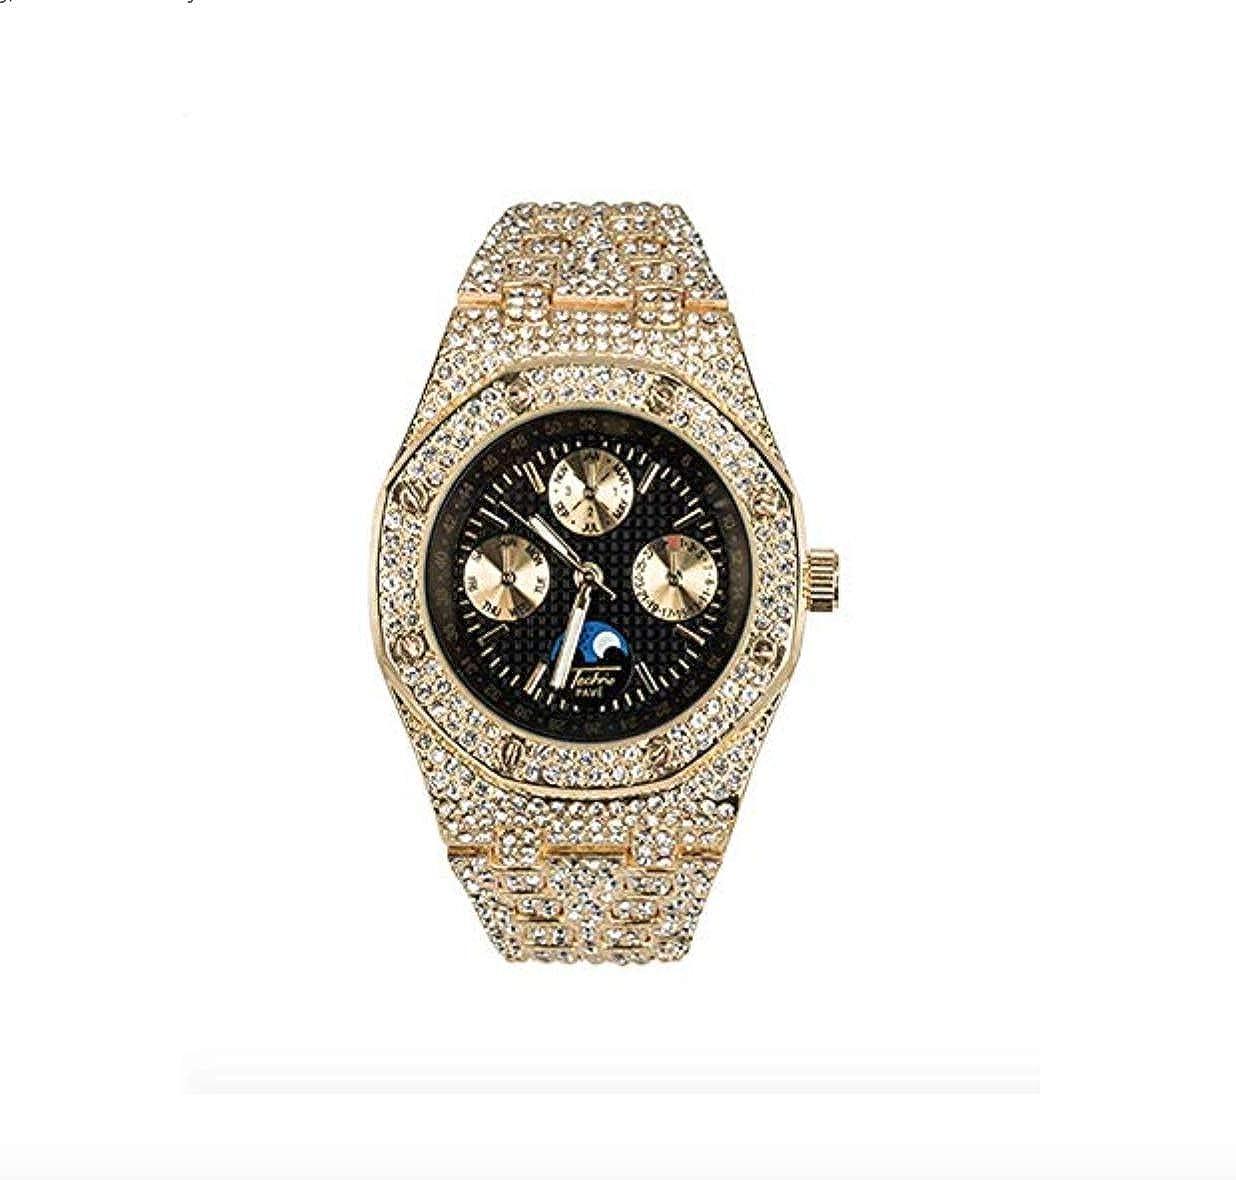 Reloj de pulsera cronógrafo Bust Down AP Supreme con circonitas cúbicas y diamantes, color oro plata